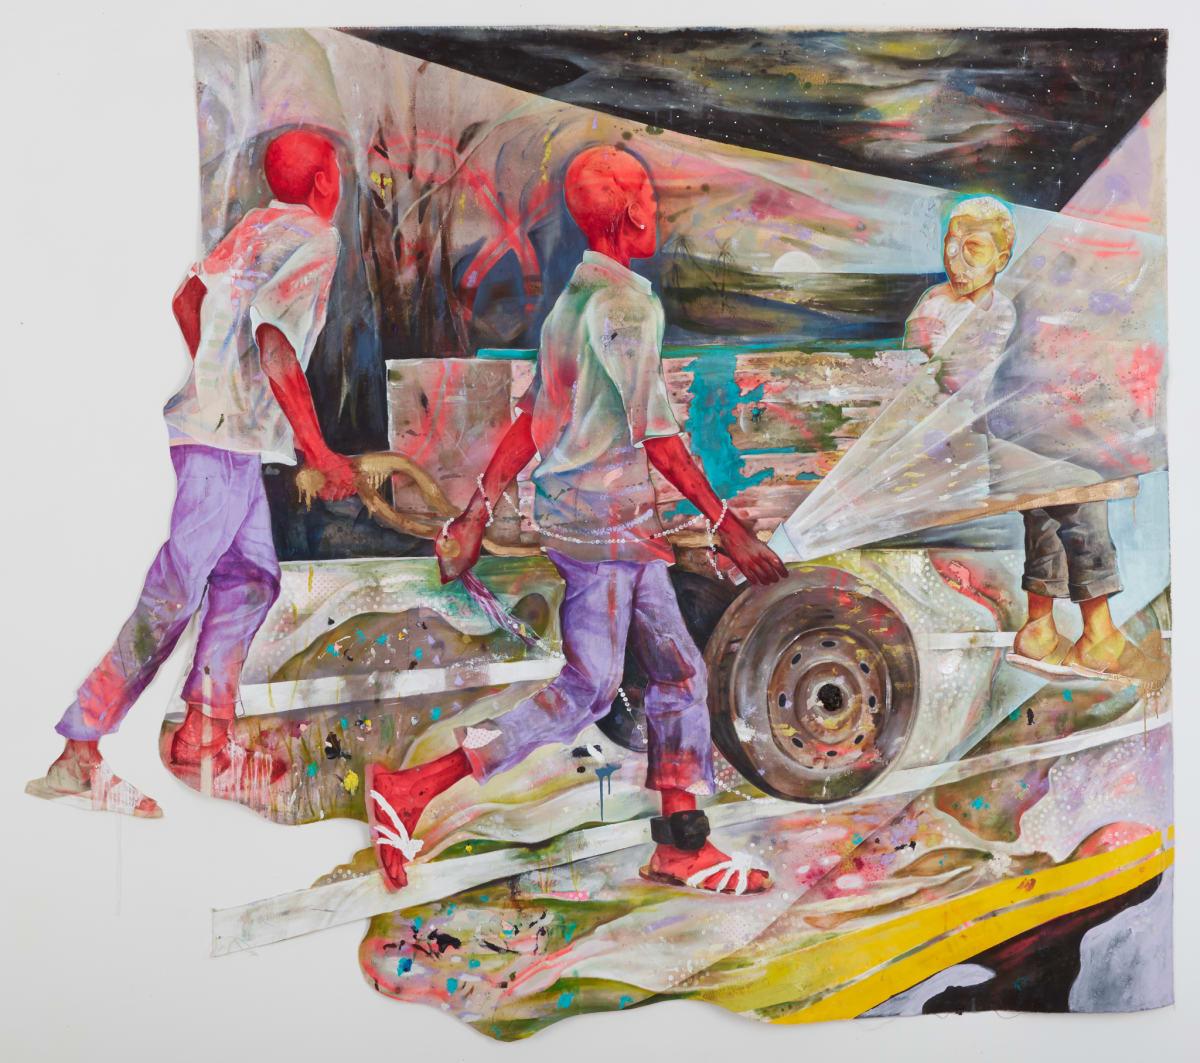 Lavar Munroe, A Stranger, 2019